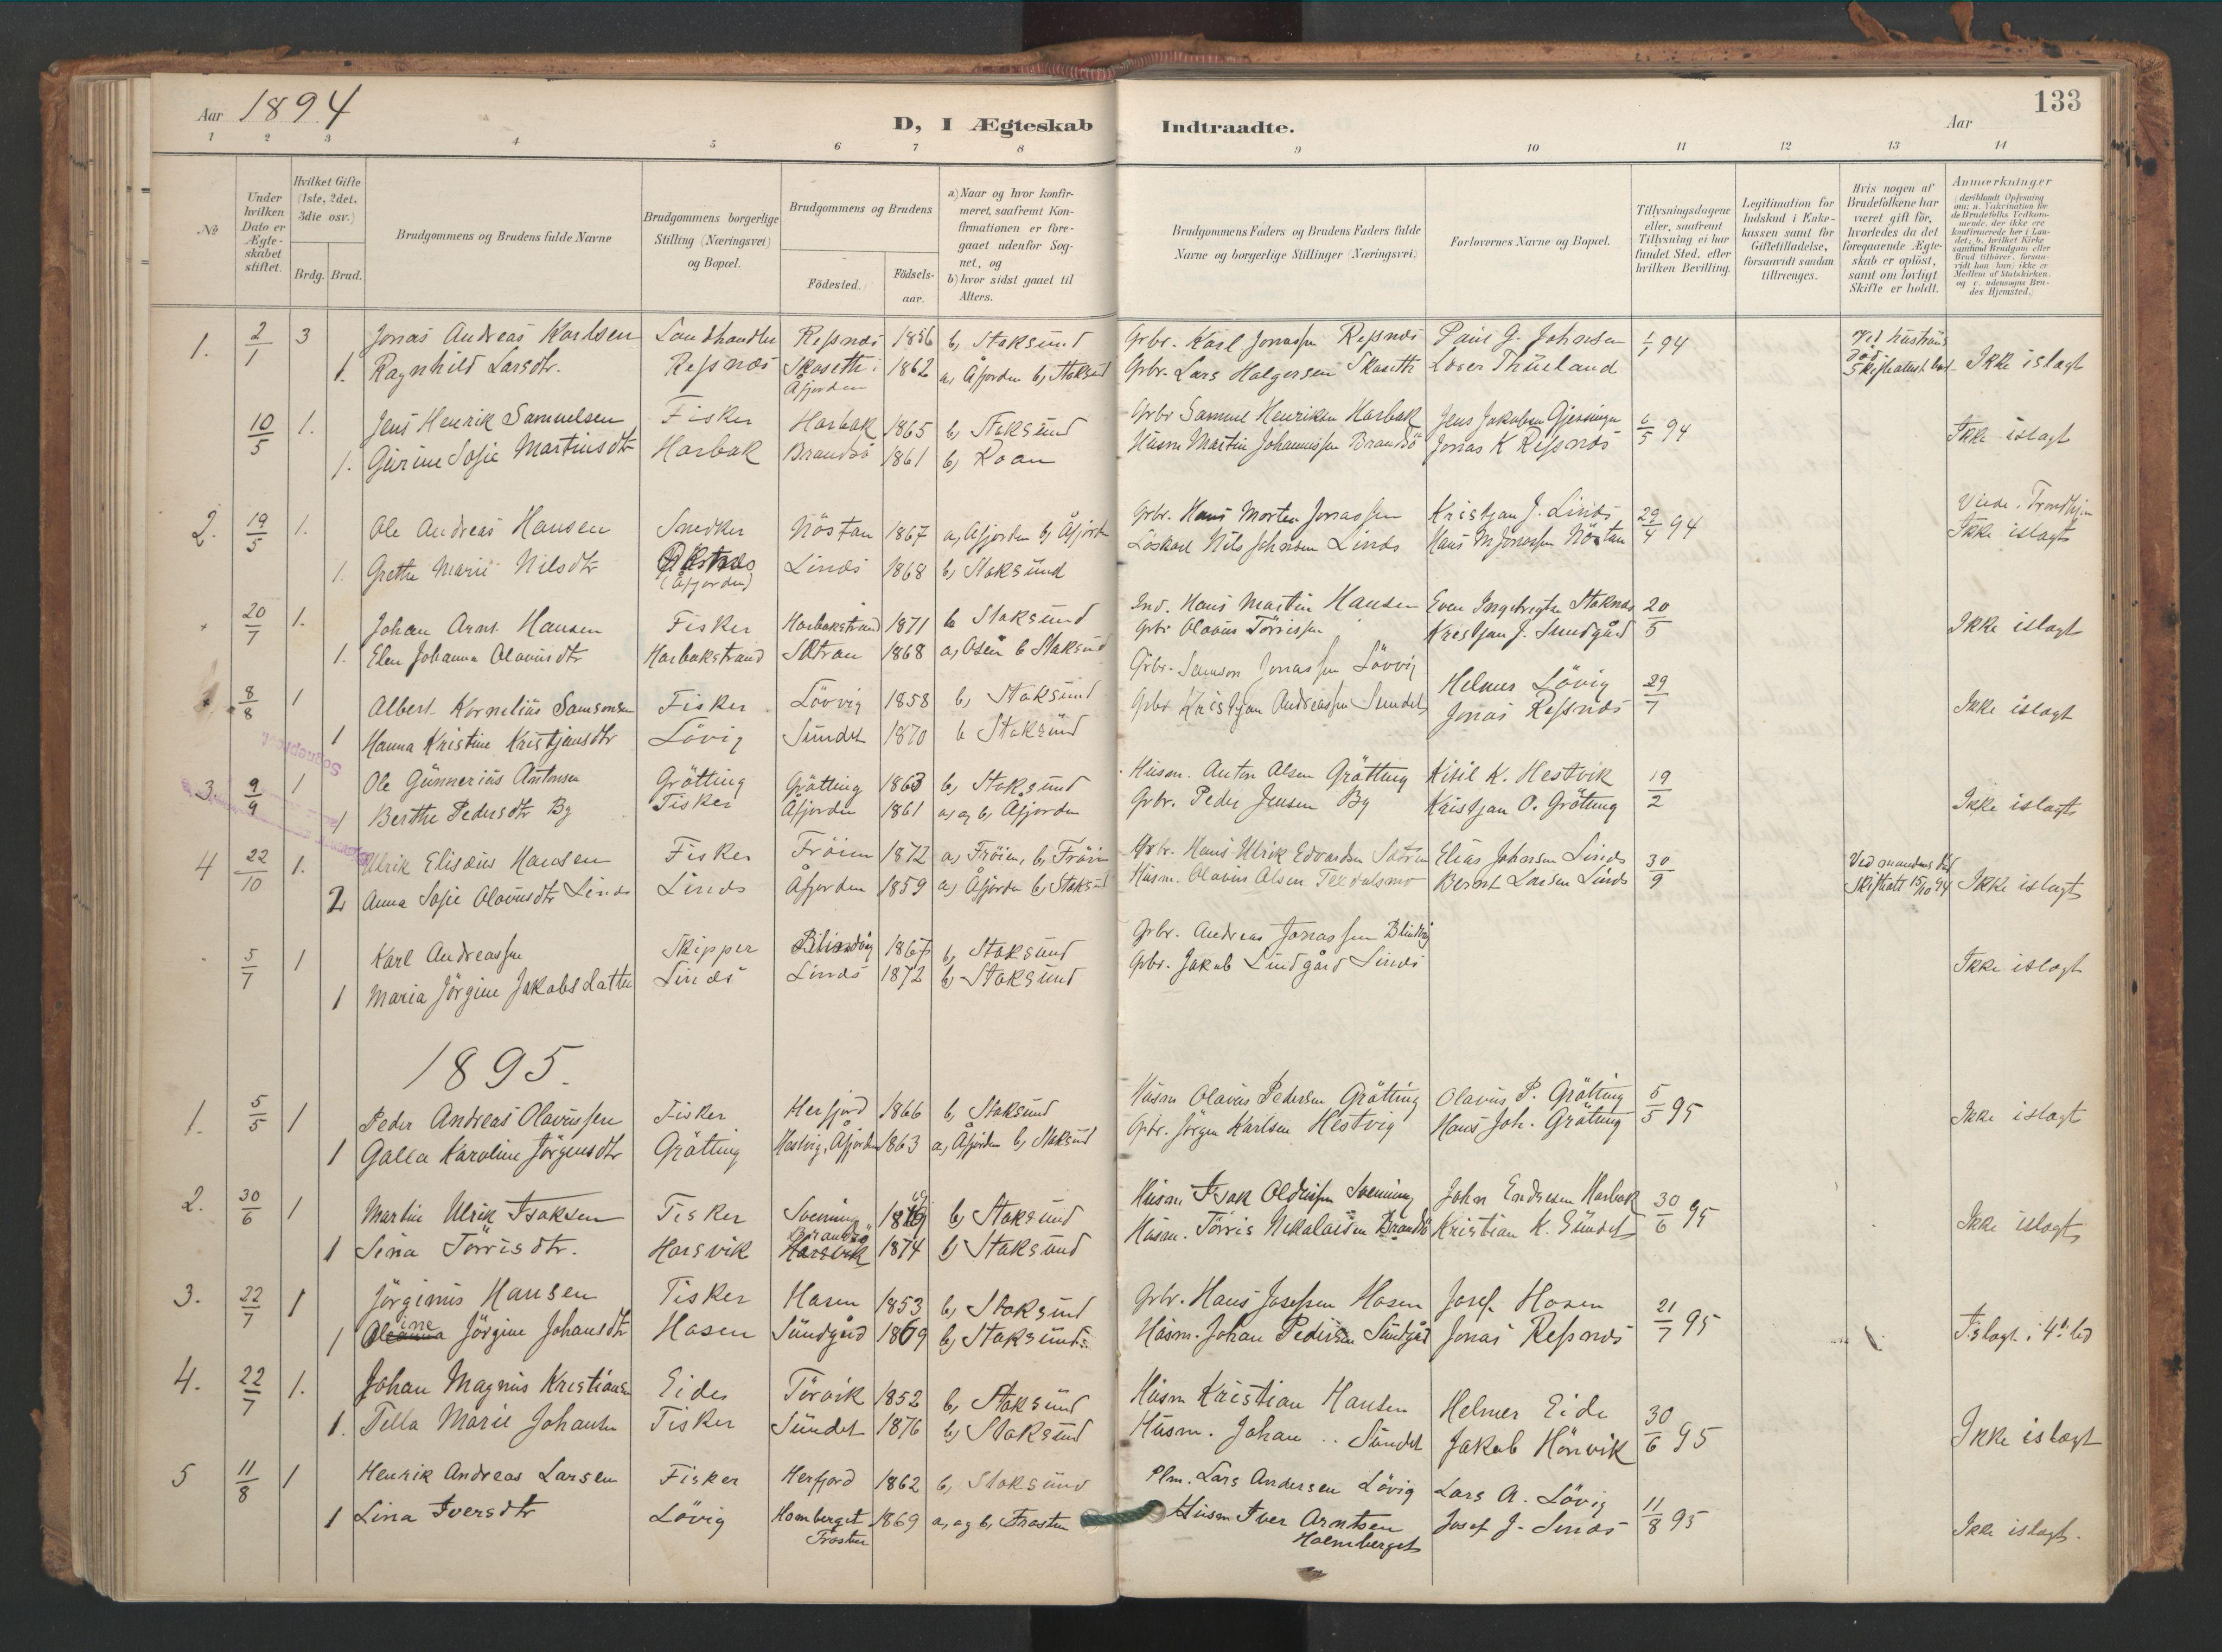 SAT, Ministerialprotokoller, klokkerbøker og fødselsregistre - Sør-Trøndelag, 656/L0693: Ministerialbok nr. 656A02, 1894-1913, s. 133